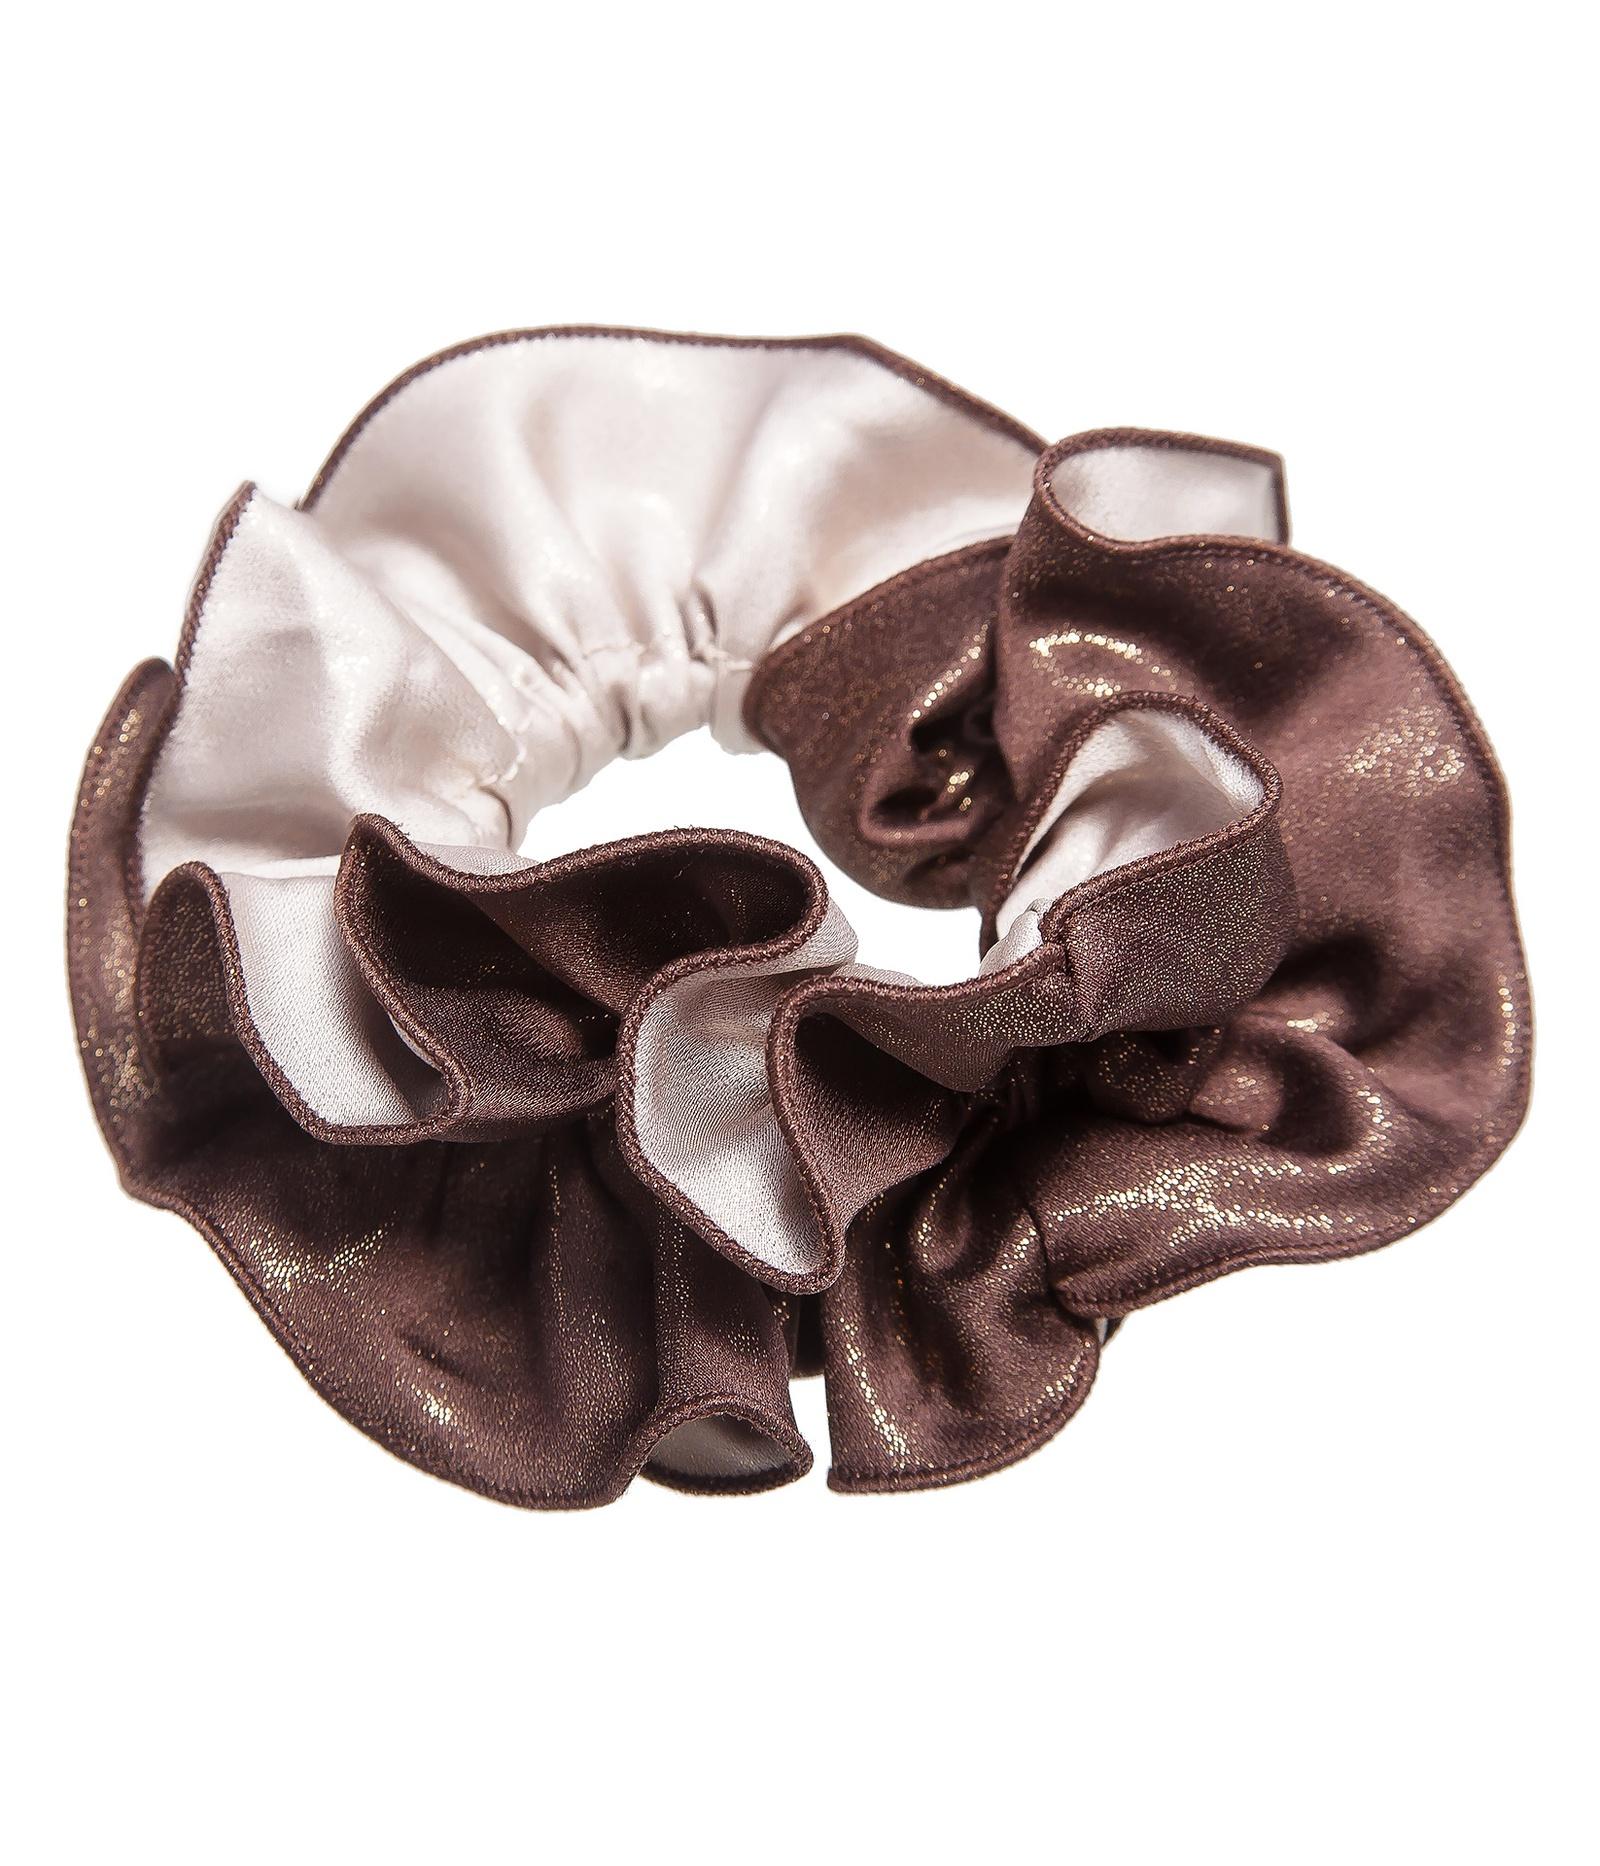 Резинка для волос женская Kameo-bis, H810065, коричневый, бежевыйH810065Размер 14 х 7 см. Состав: текстиль